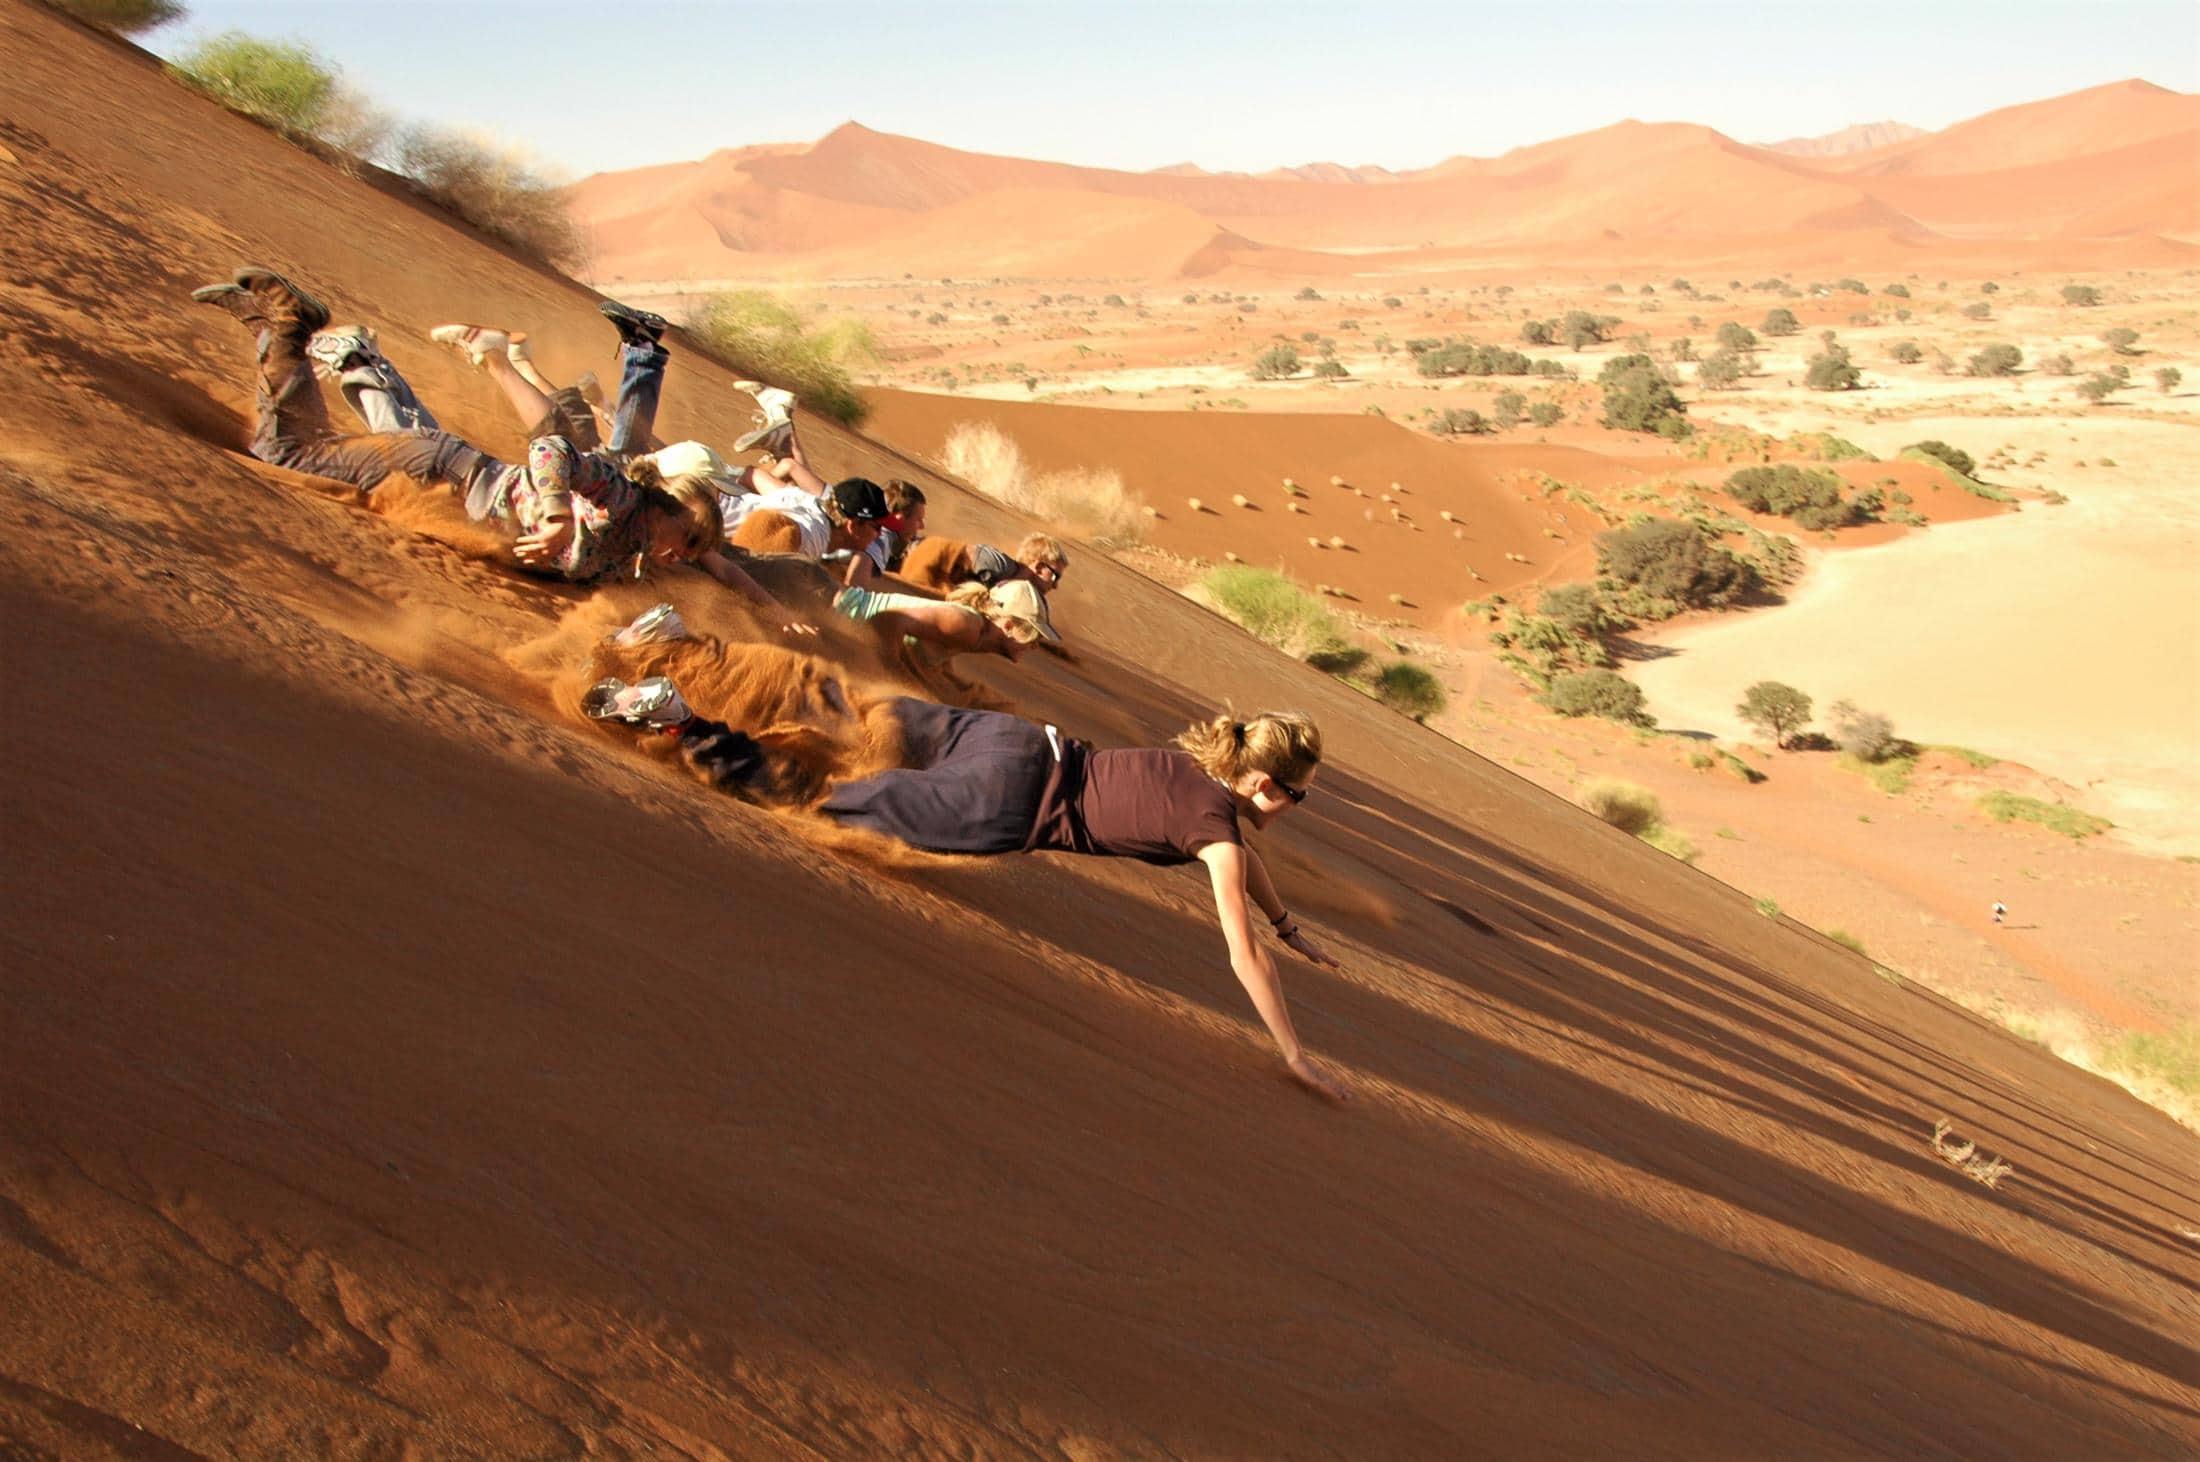 Familiereizen Namibië - Kinderen kunnen veel spelen, bijvoorbeeld in de zandduinen van de Sossusvlei